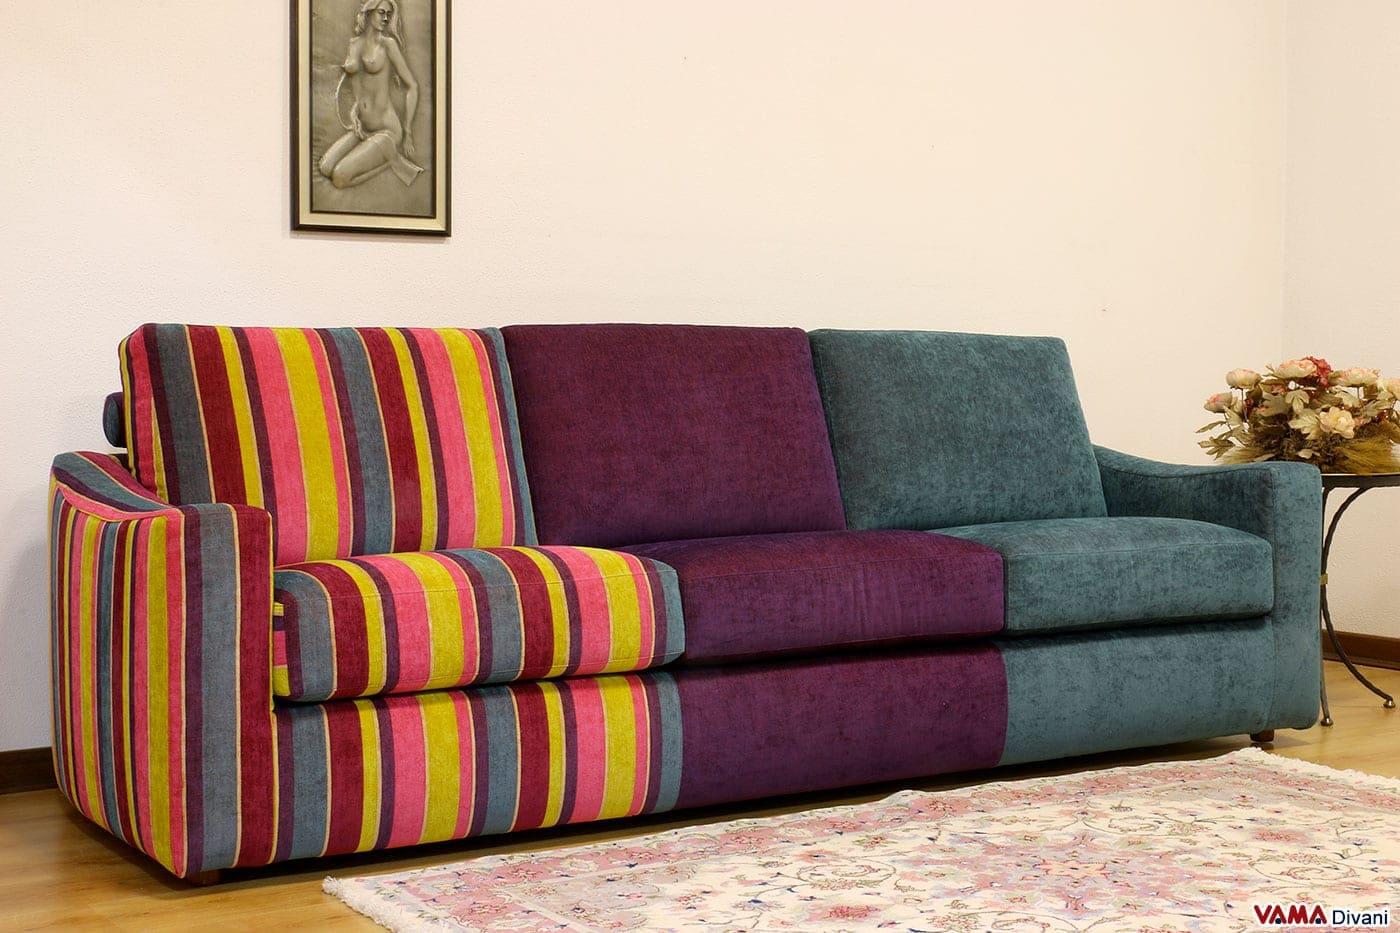 Divano Multicolor - Home Design E Interior Ideas - Refoias.net